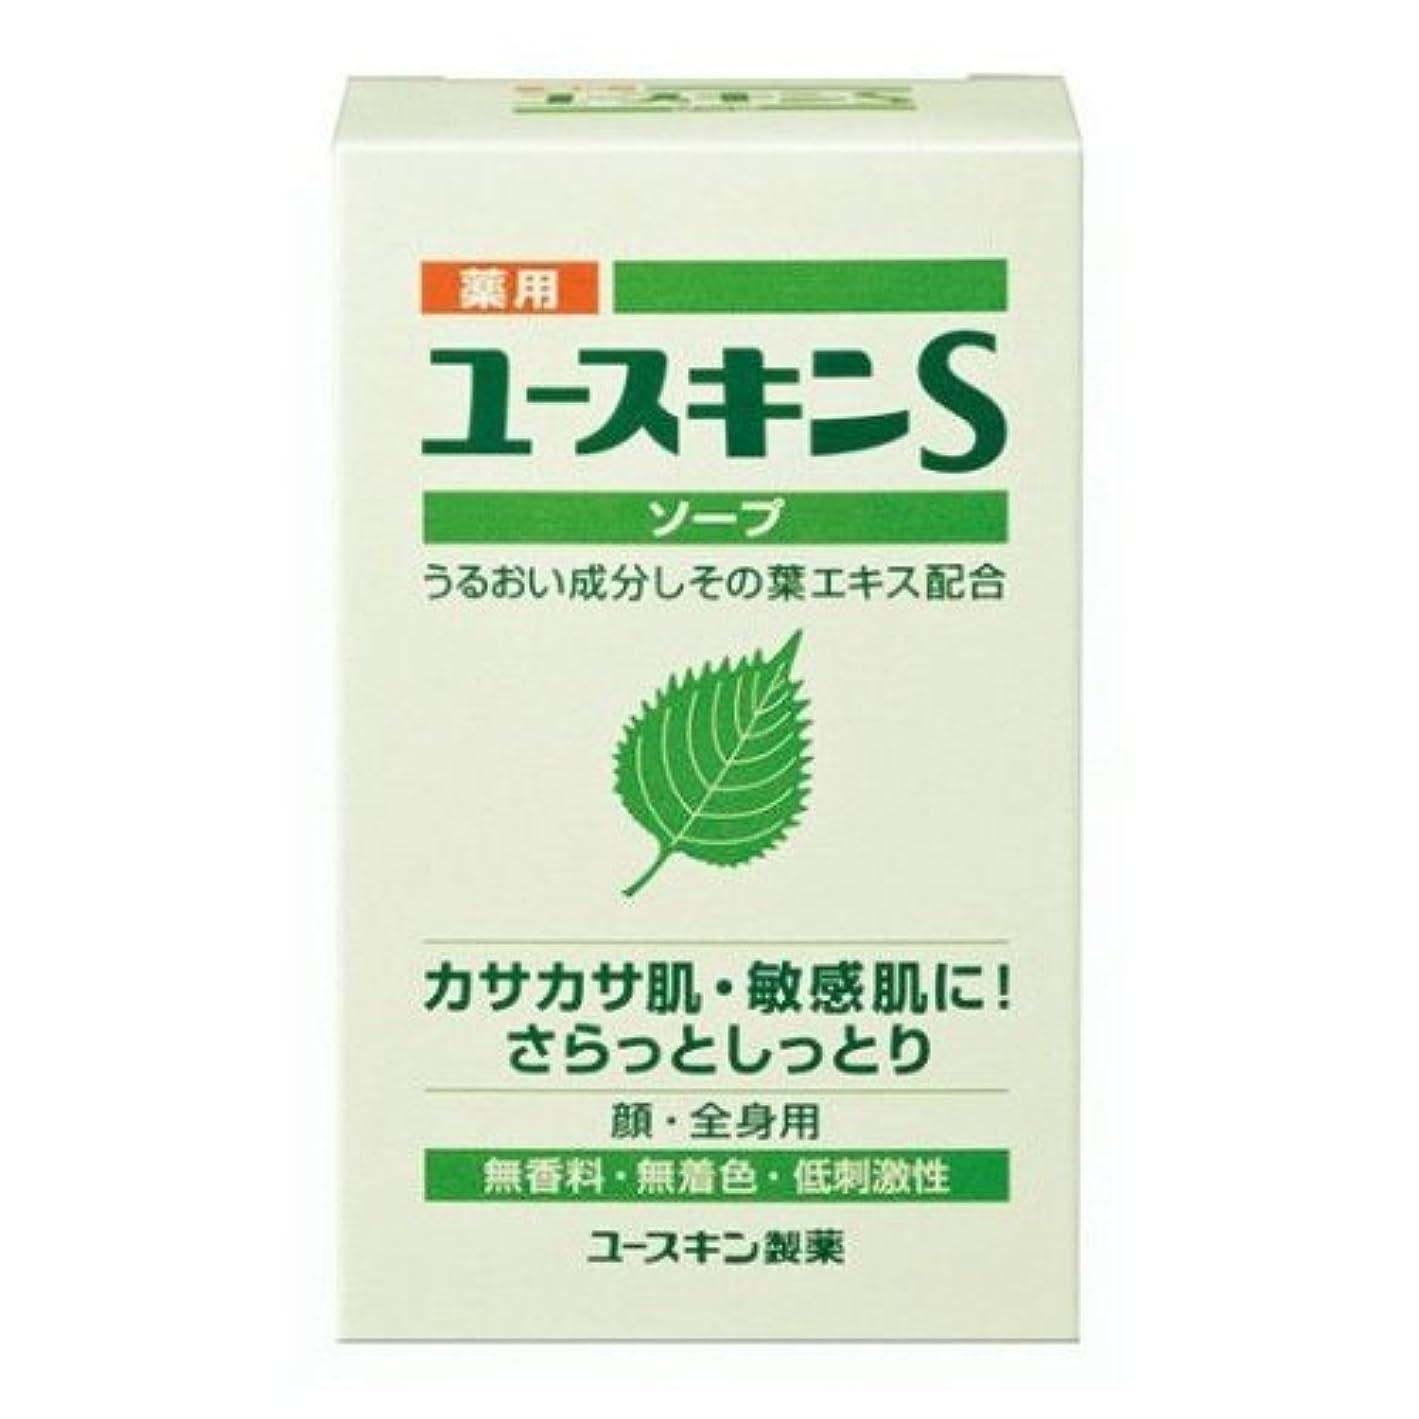 カウボーイカバレッジ海外ユースキン製薬 薬用ユースキンSソープ 90g(医薬部外品)